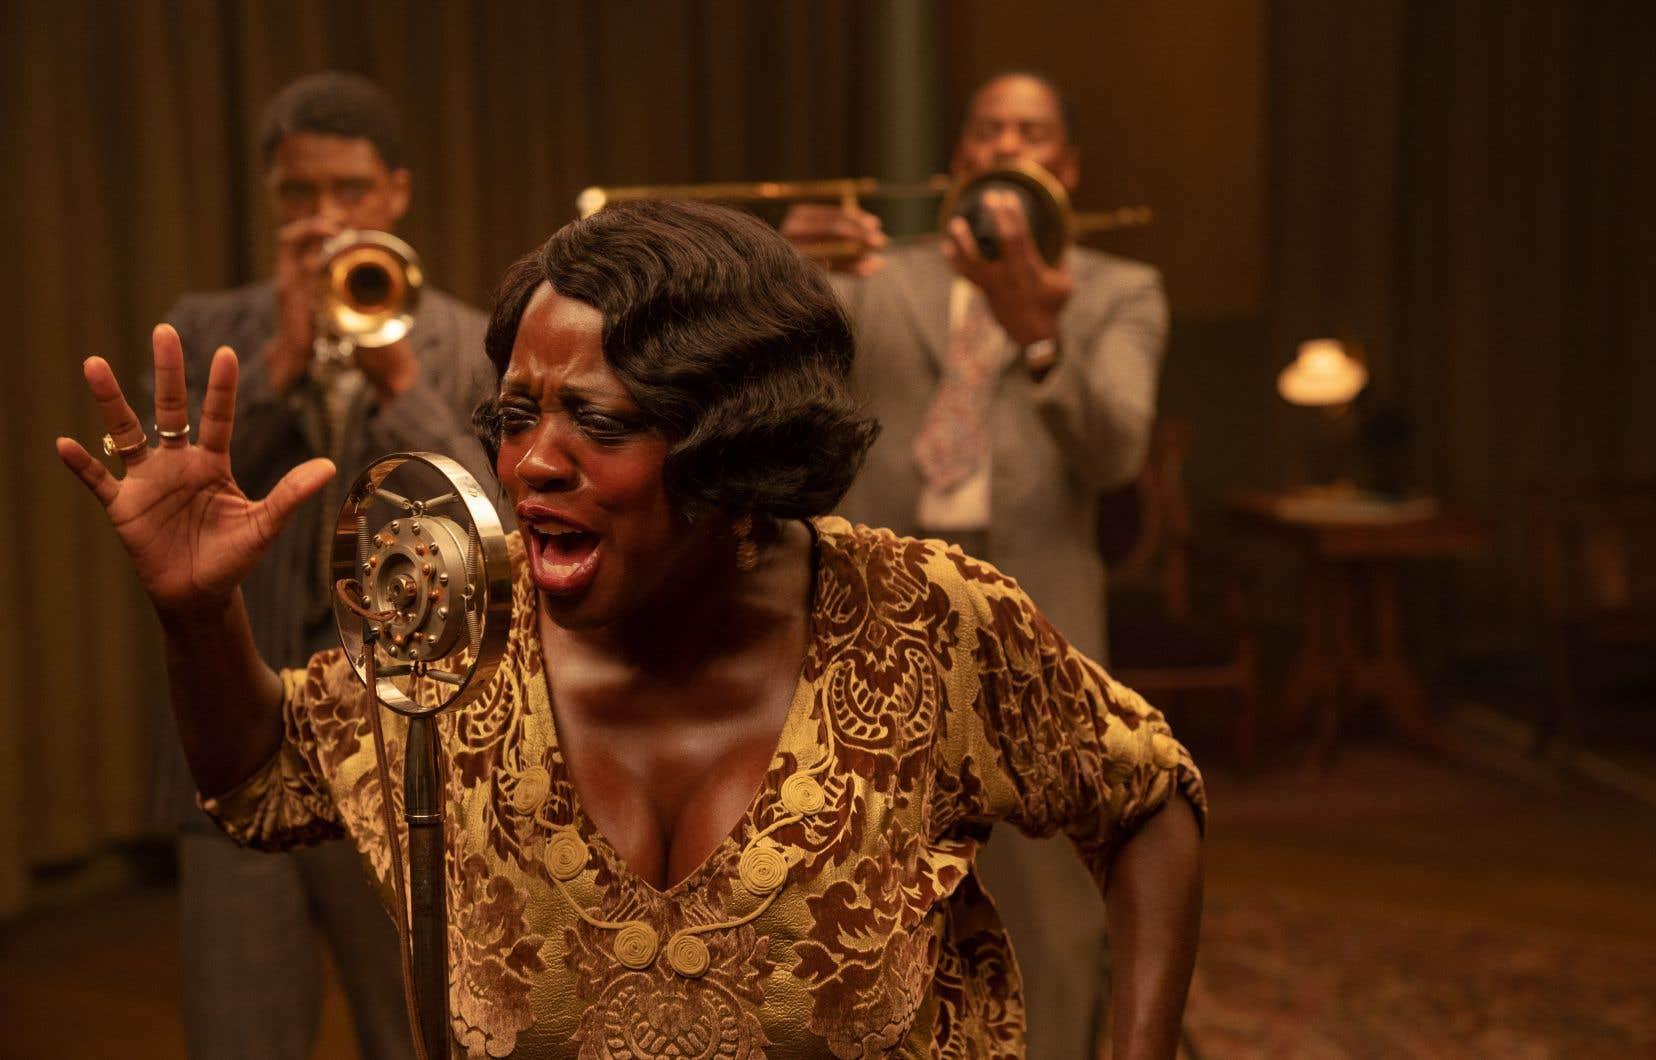 Tiré d'une pièce d'August Wilson, «Ma Rainey's Black Bottom» («Le blues de Ma Rainey») met en vedette la fabuleuse Viola Davis et, dans un vibrant chant du cygne, Chadwick Boseman (à gauche), emporté par le cancer au mois d'août.